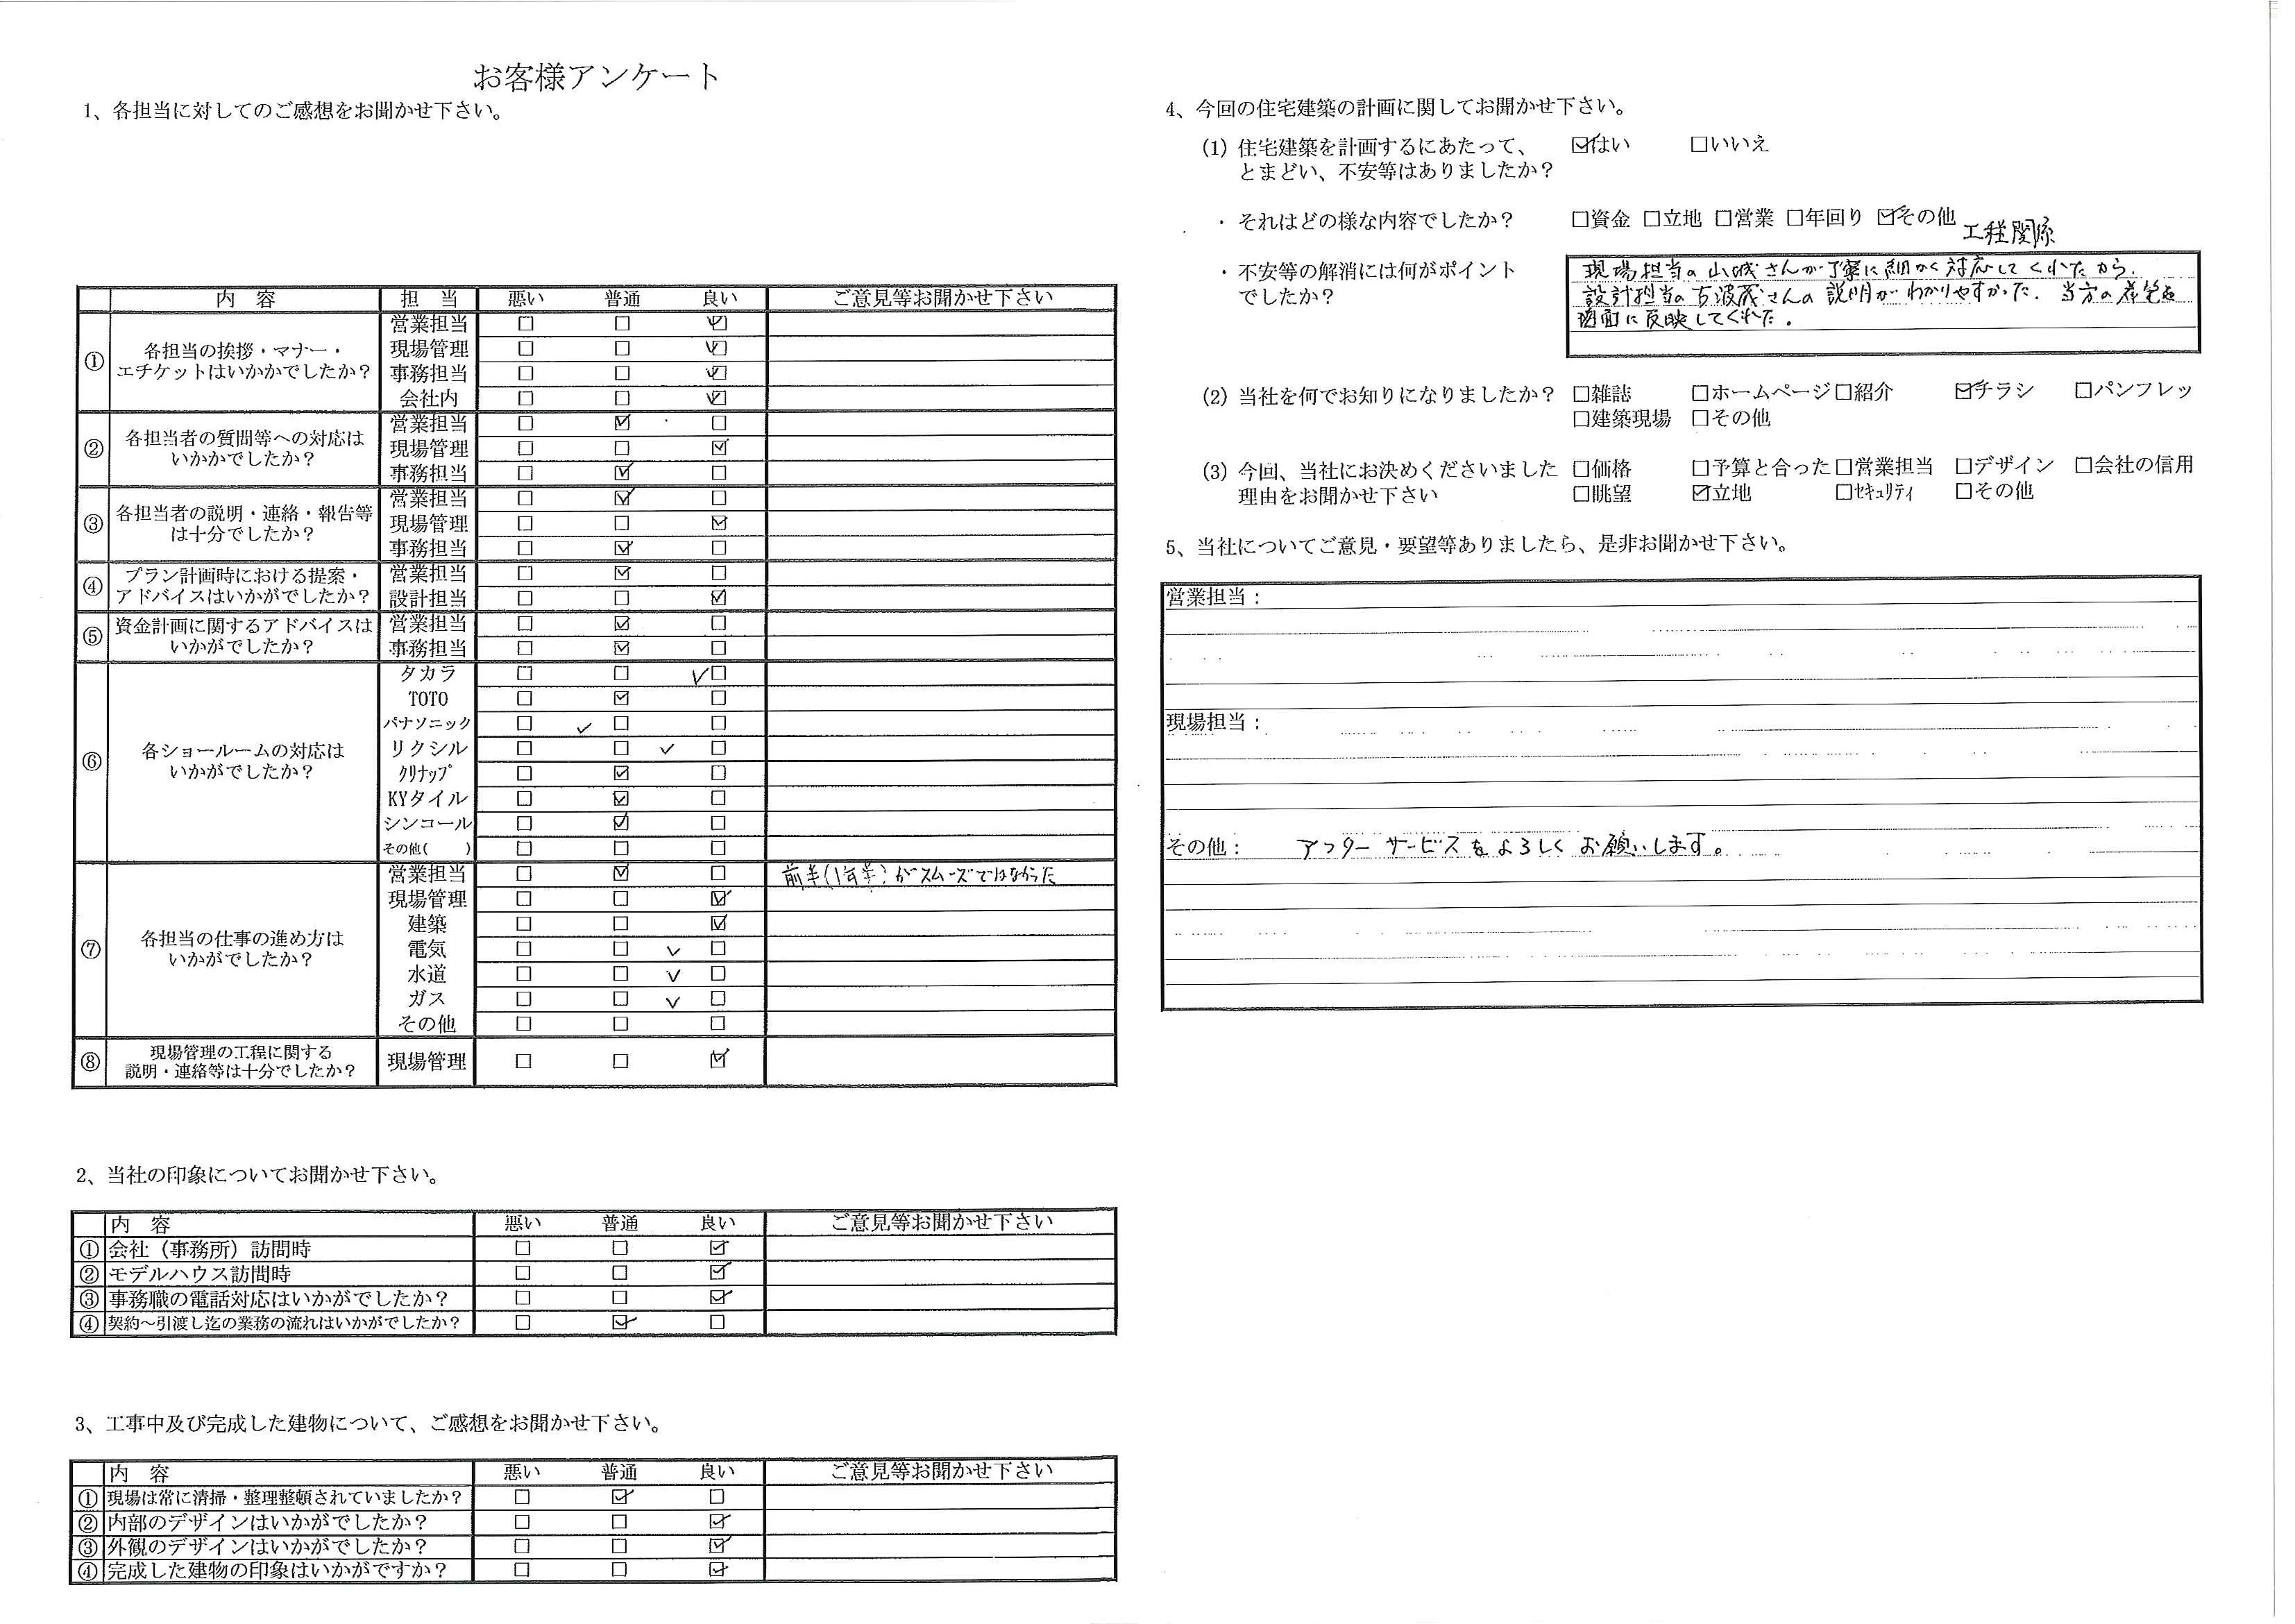 20170403_お客様アンケート